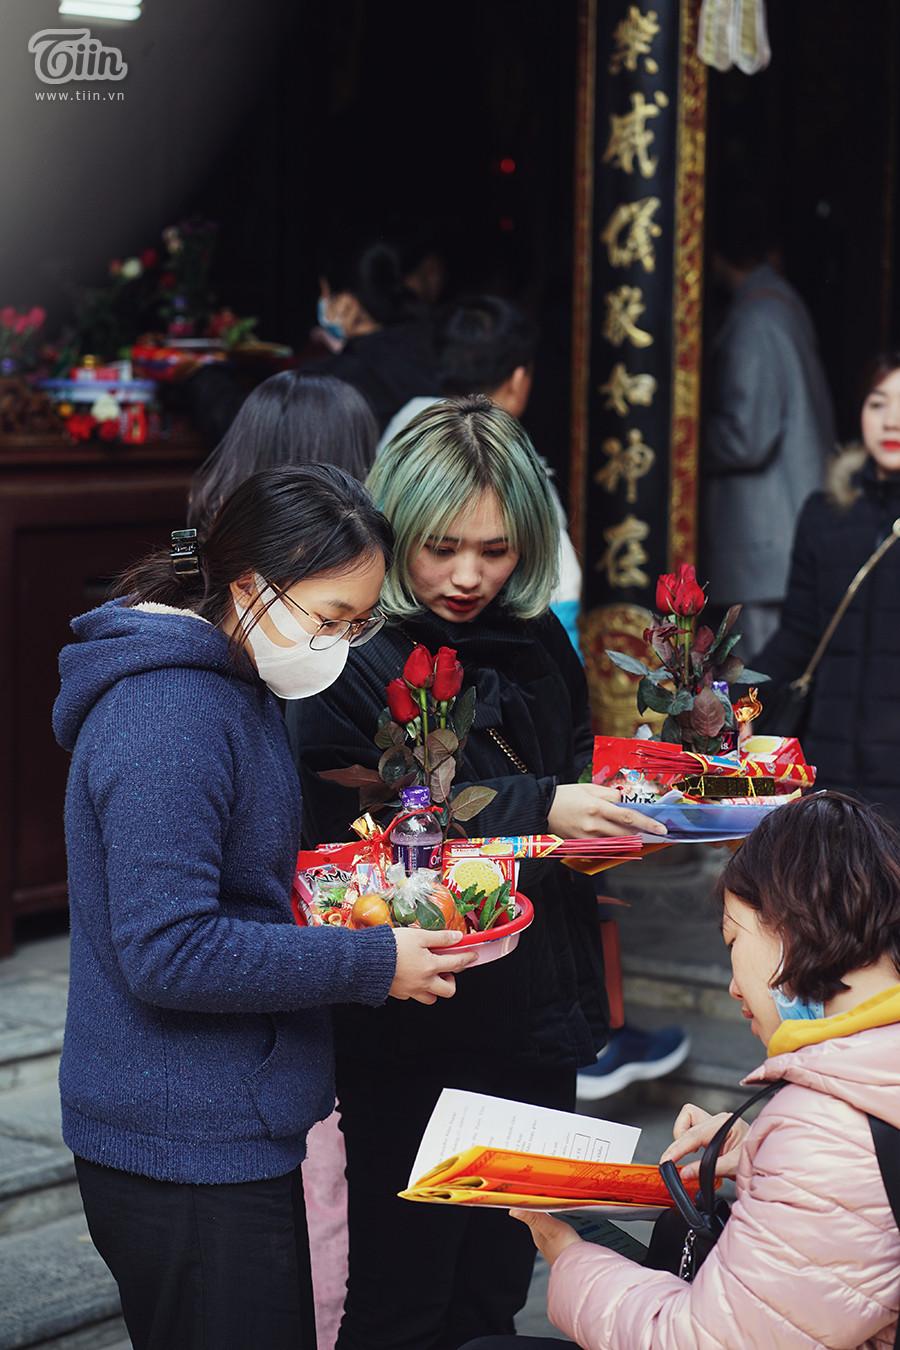 Chùa Hà dập dìu nam thanh nữ tú đi lễ cầu duyên ngày đầu tháng Chạp 5